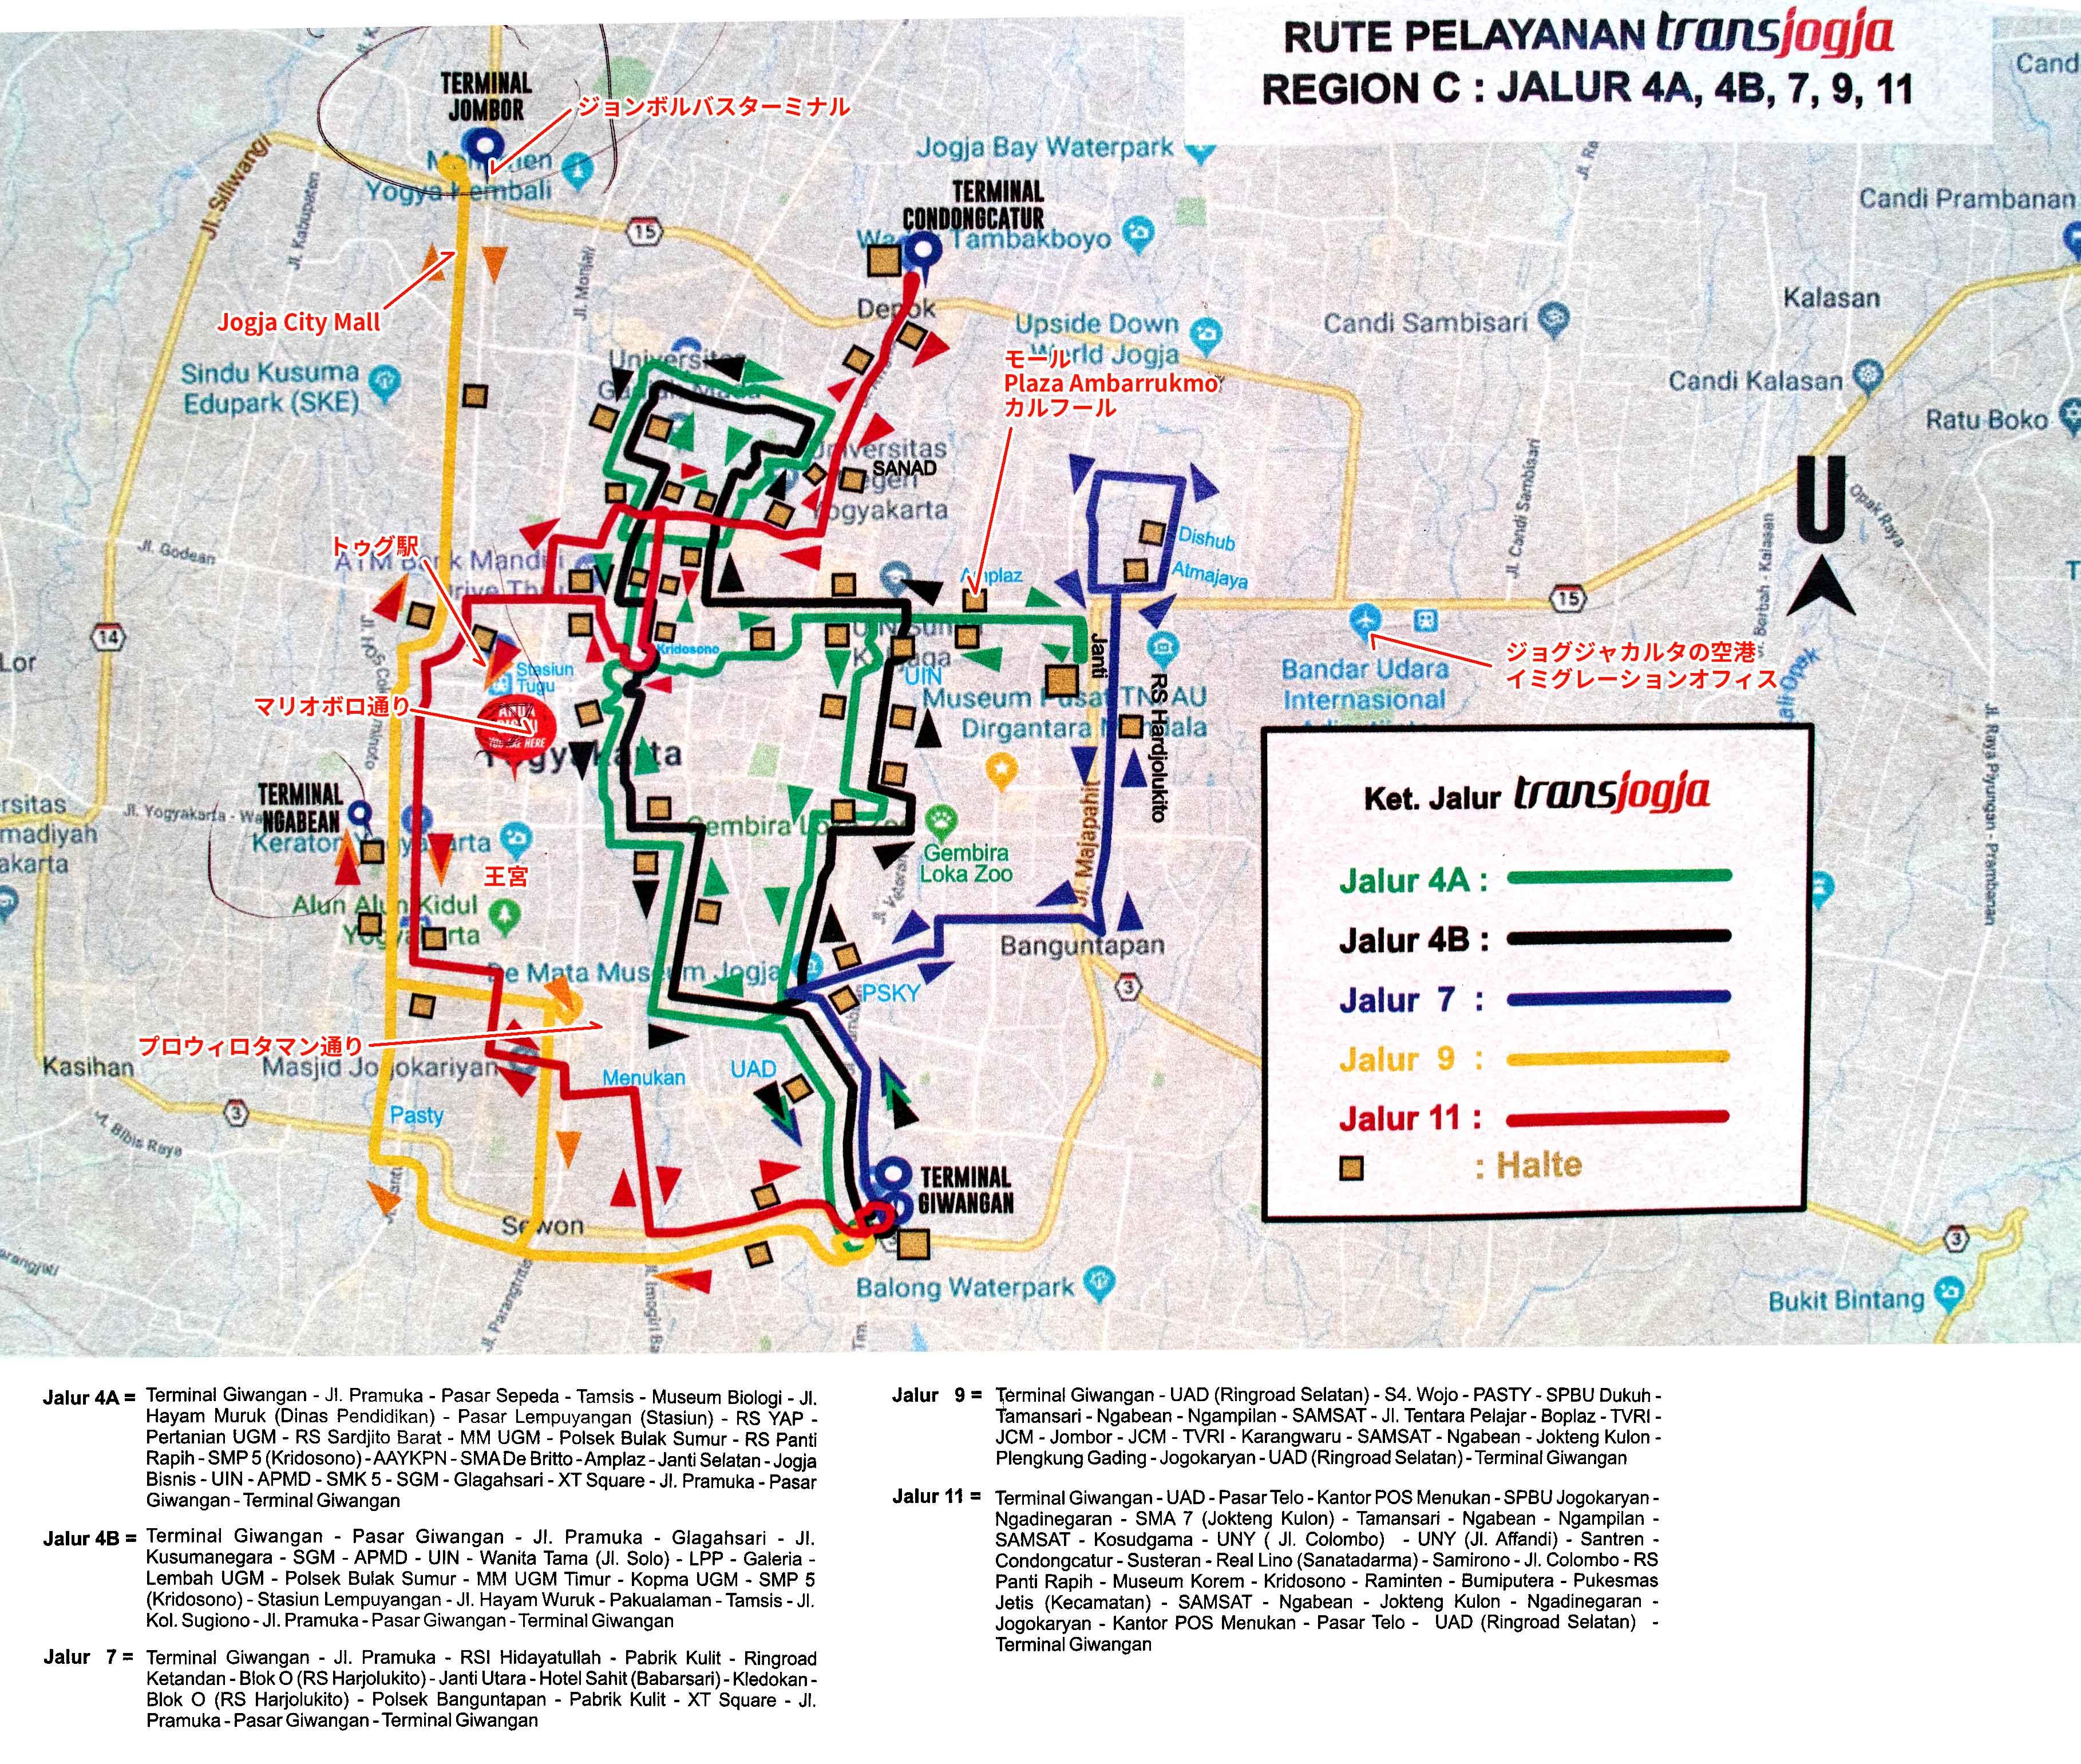 トランスジョグジャ(Trans Jogja)路線図4A,4B,7,9,11